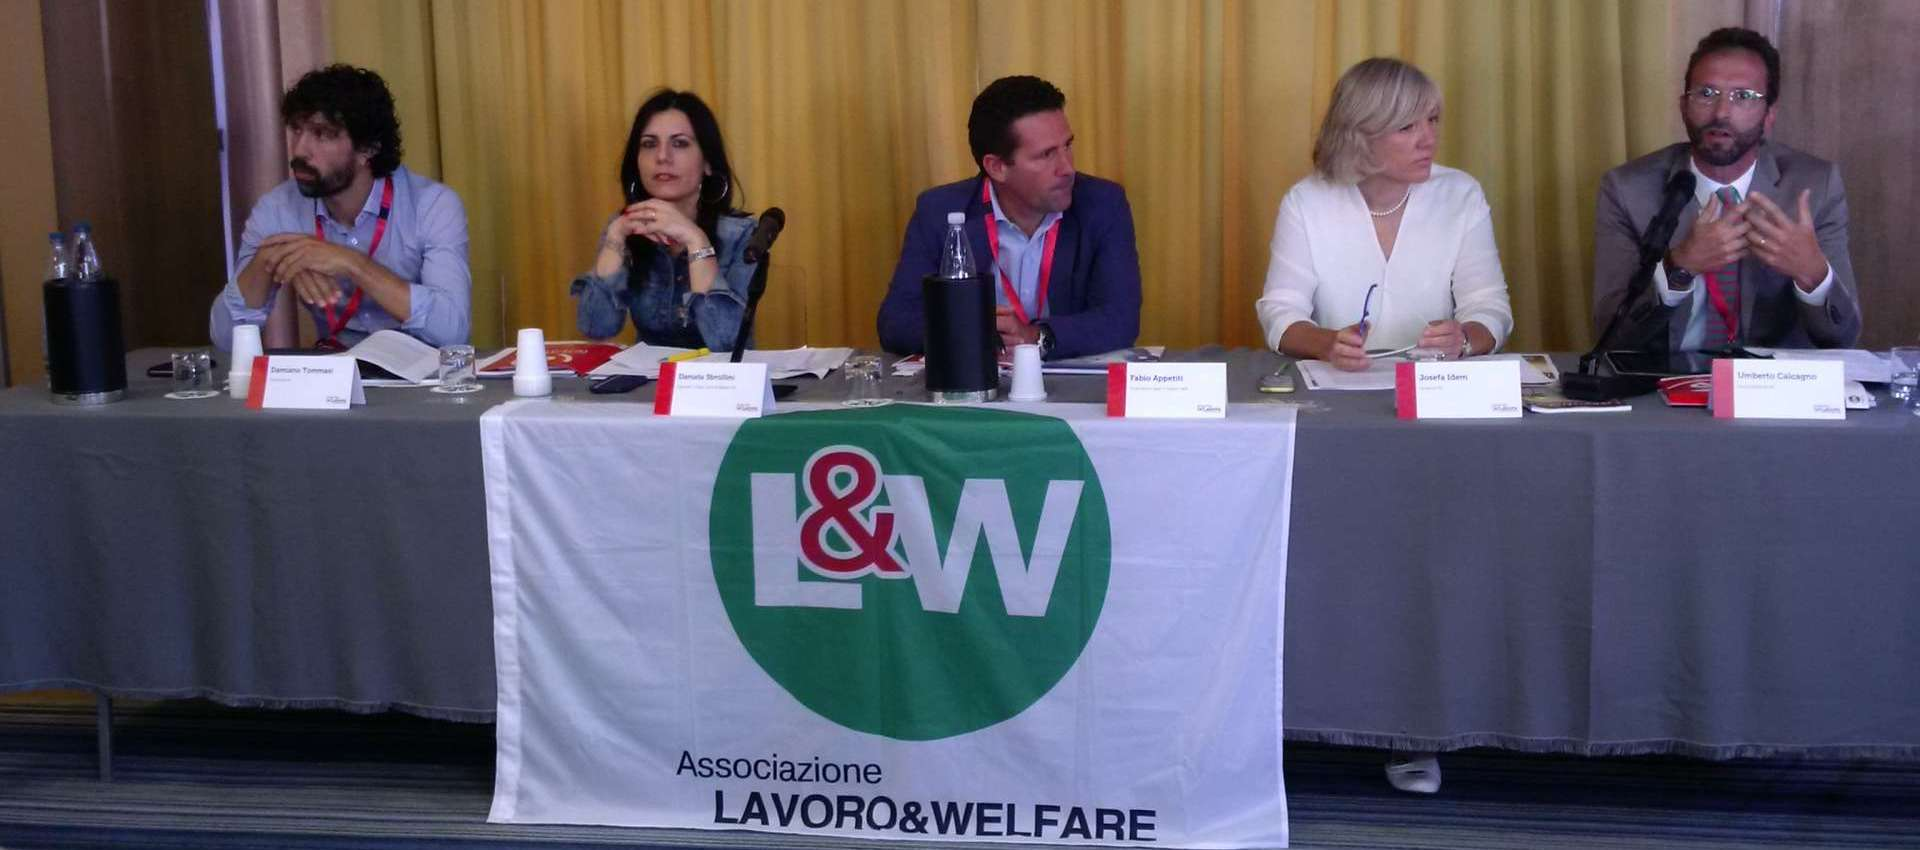 Tommasi Sbrollini Idem Damiano Calcagno Welfare Lavoro & Welfare